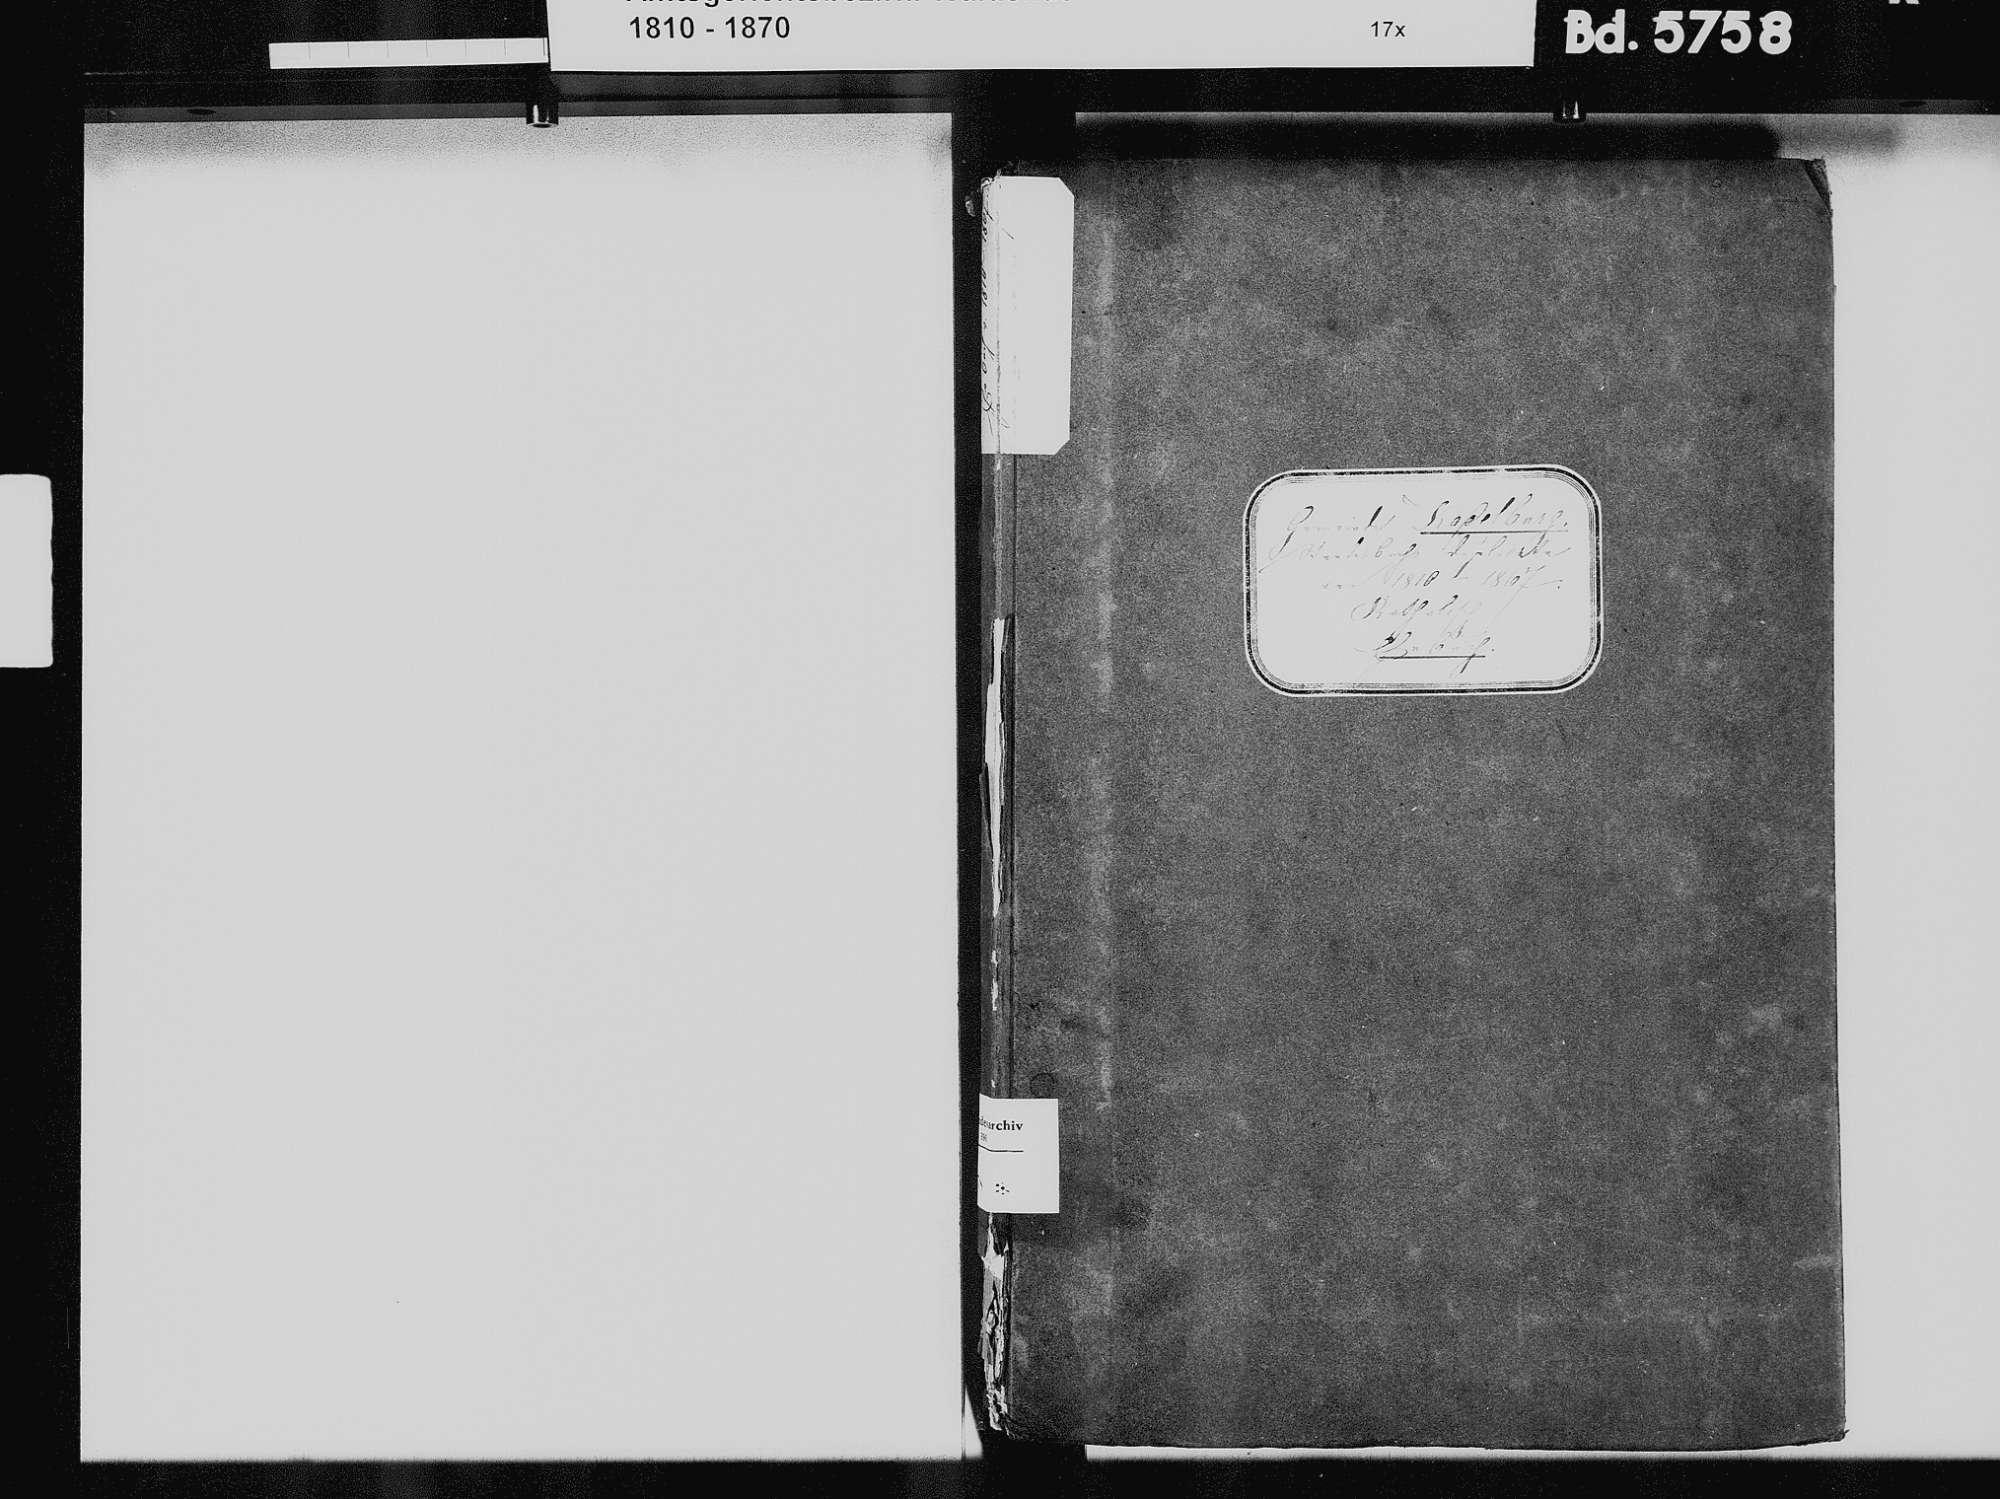 Kadelburg, Küssaberg WT; Katholische Gemeinde: Heiratsbuch 1810-1869 Kadelburg, Küssaberg WT; Katholische Gemeinde: Sterbebuch 1824-1825, 1833, Bild 3